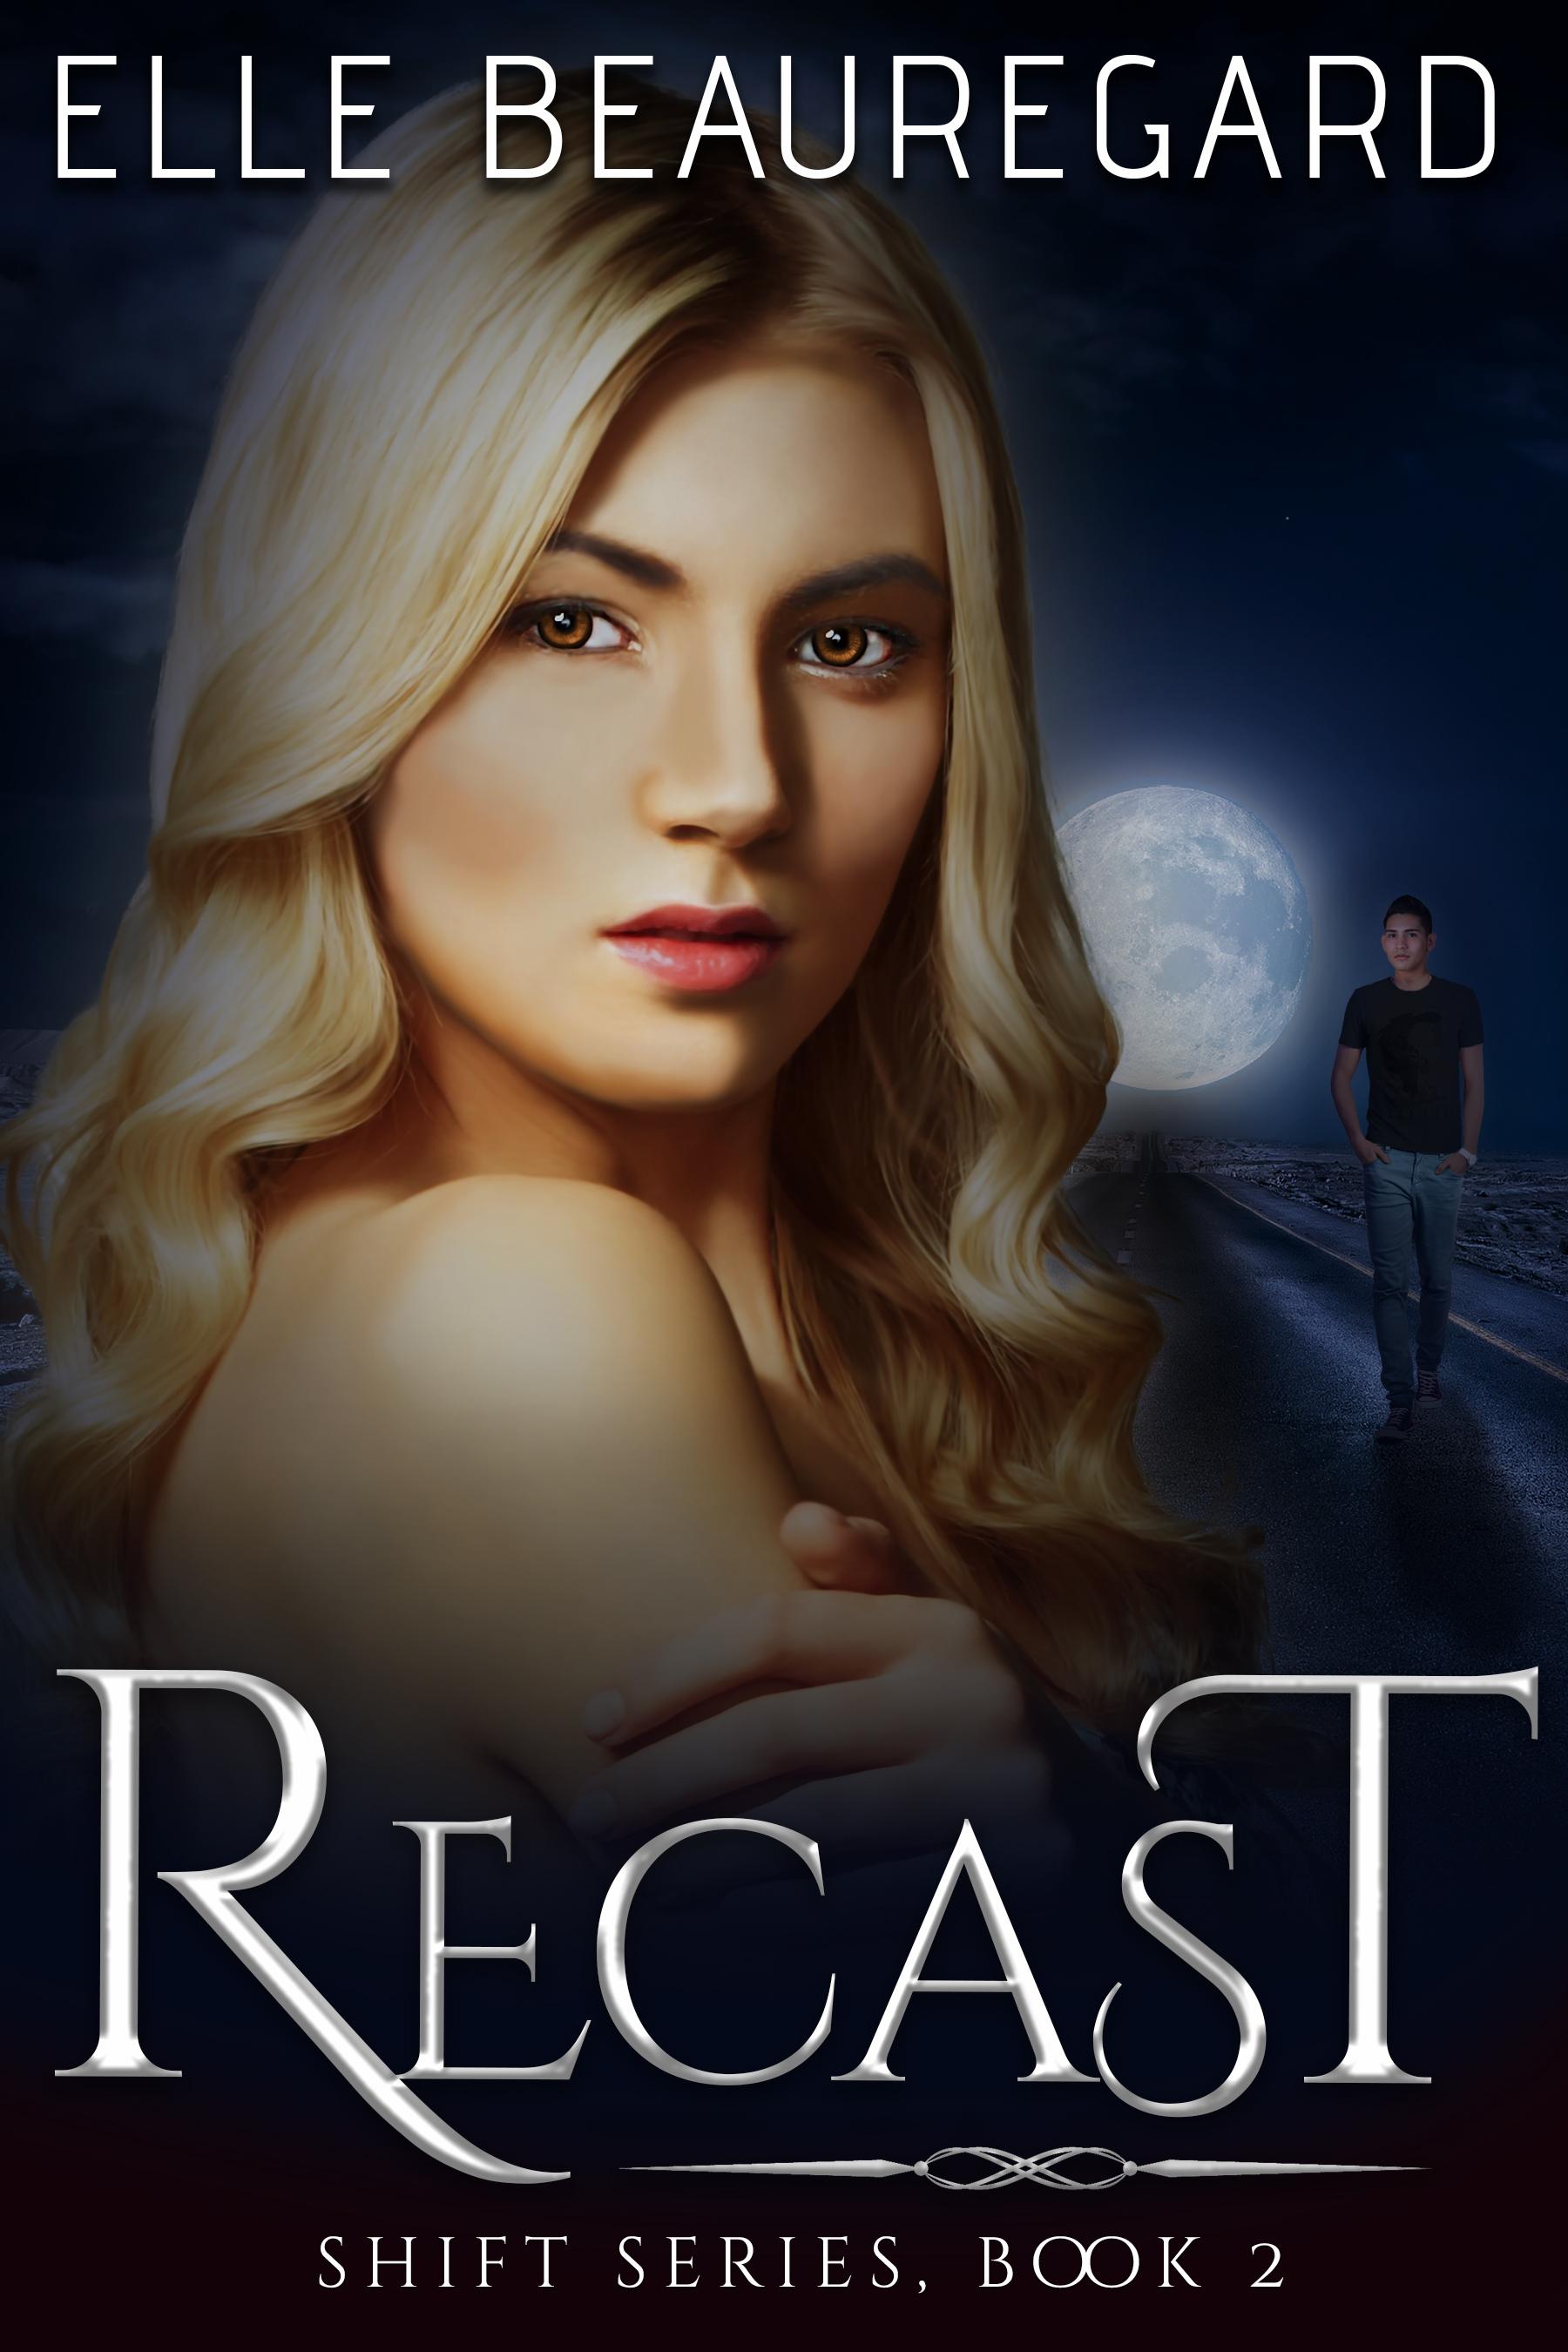 Beauregard - Recast